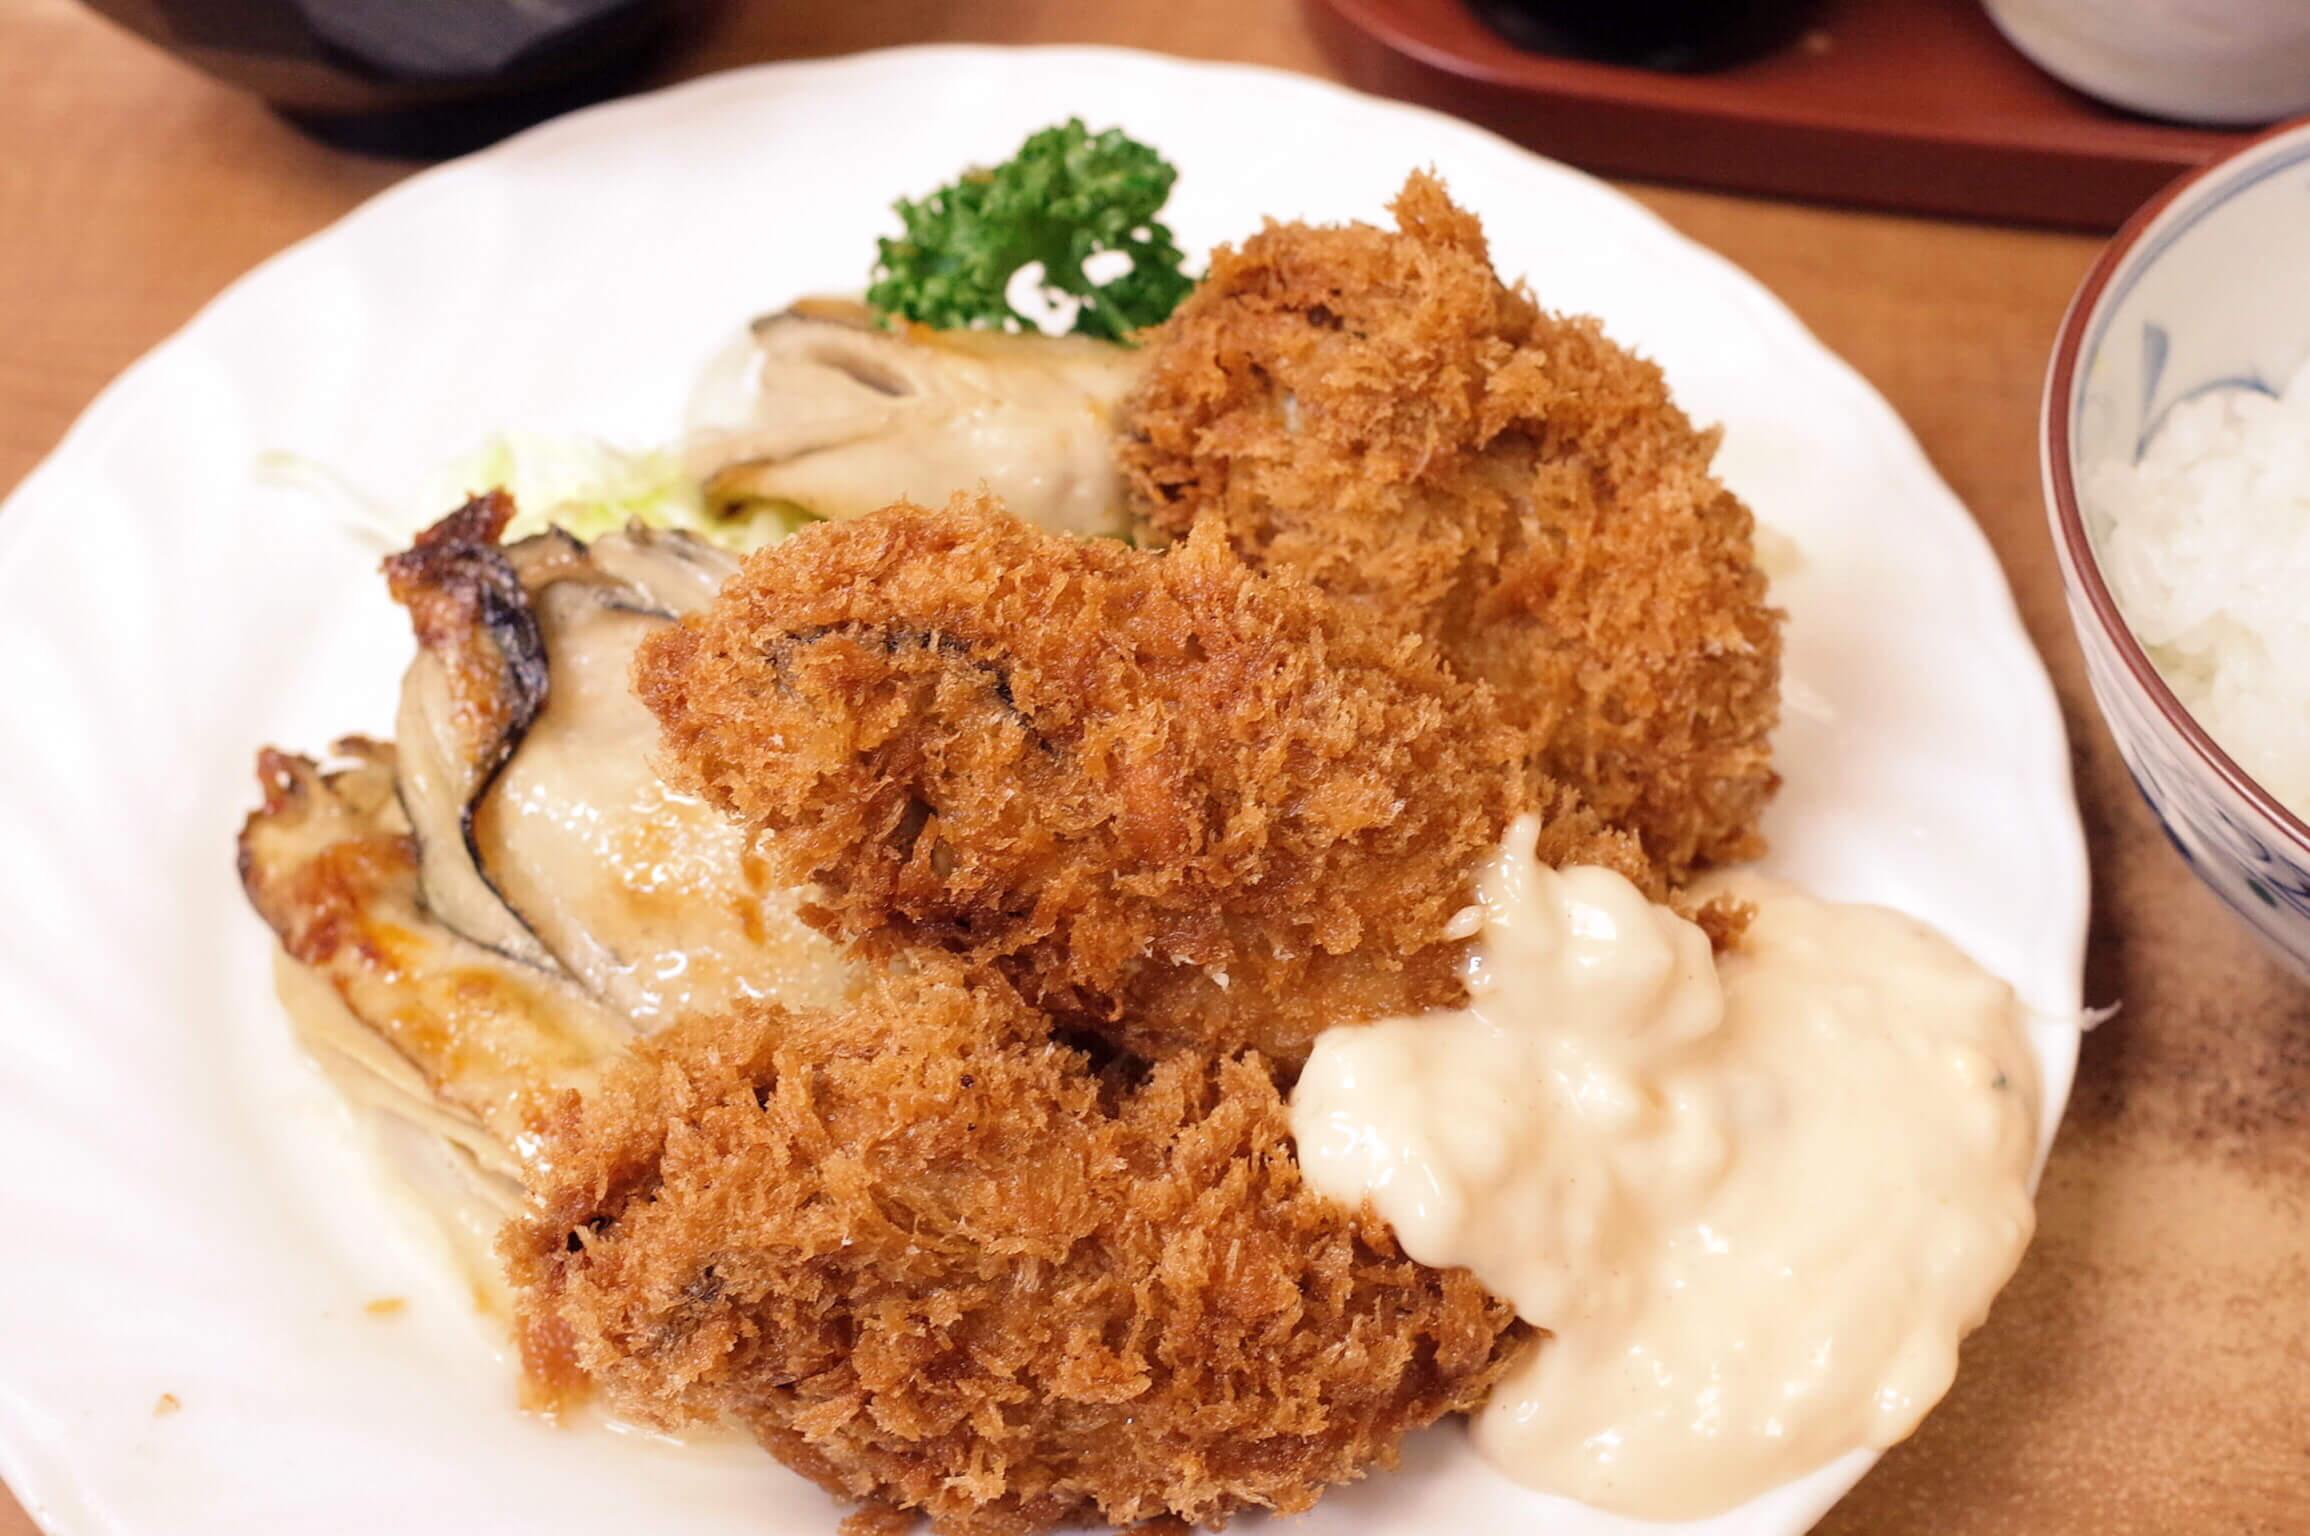 築地『小田保』の牡蠣ミックスフライの季節がやってきた!カキフライとバター焼きの波状攻撃に箸が止まらない